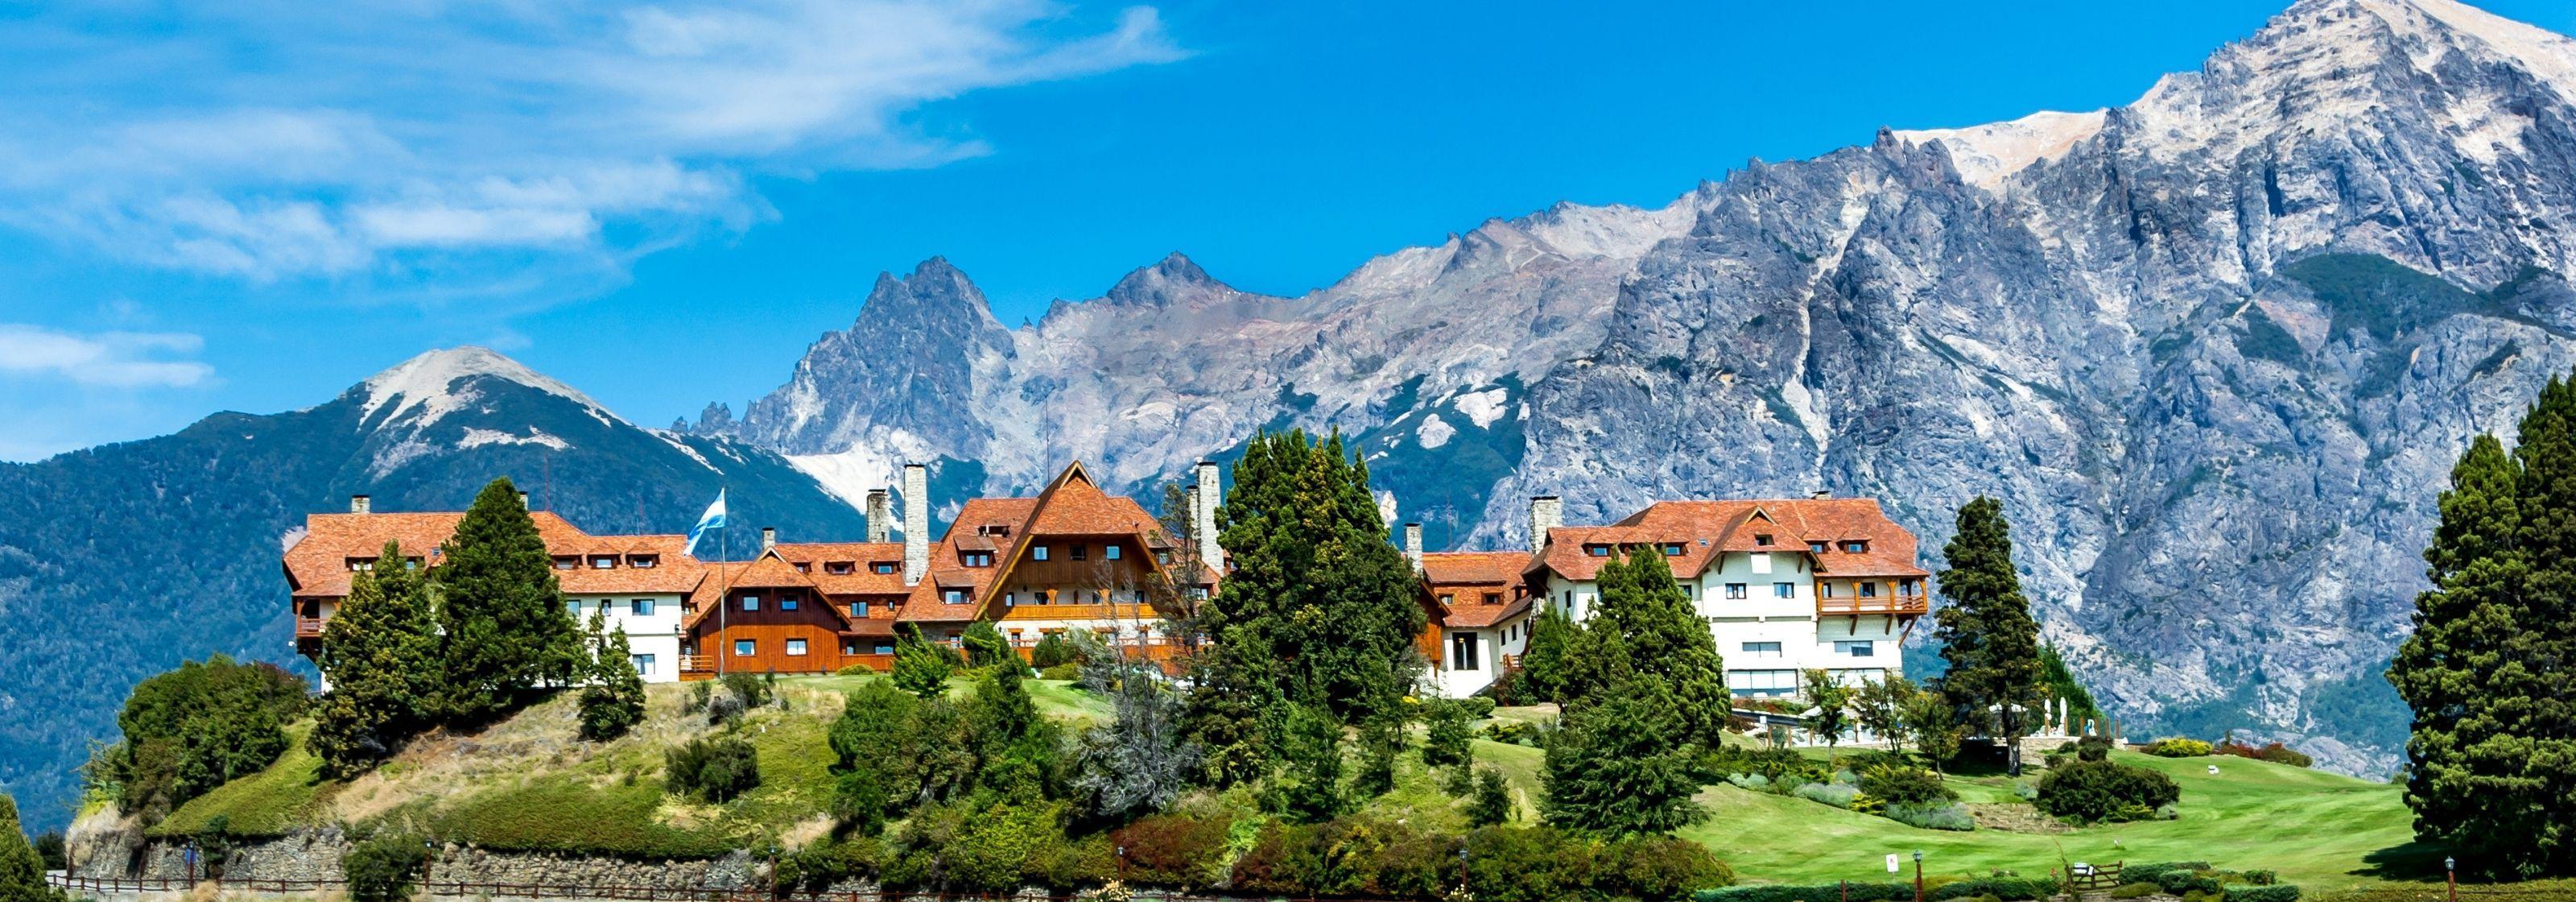 Choses à faire à Bariloche